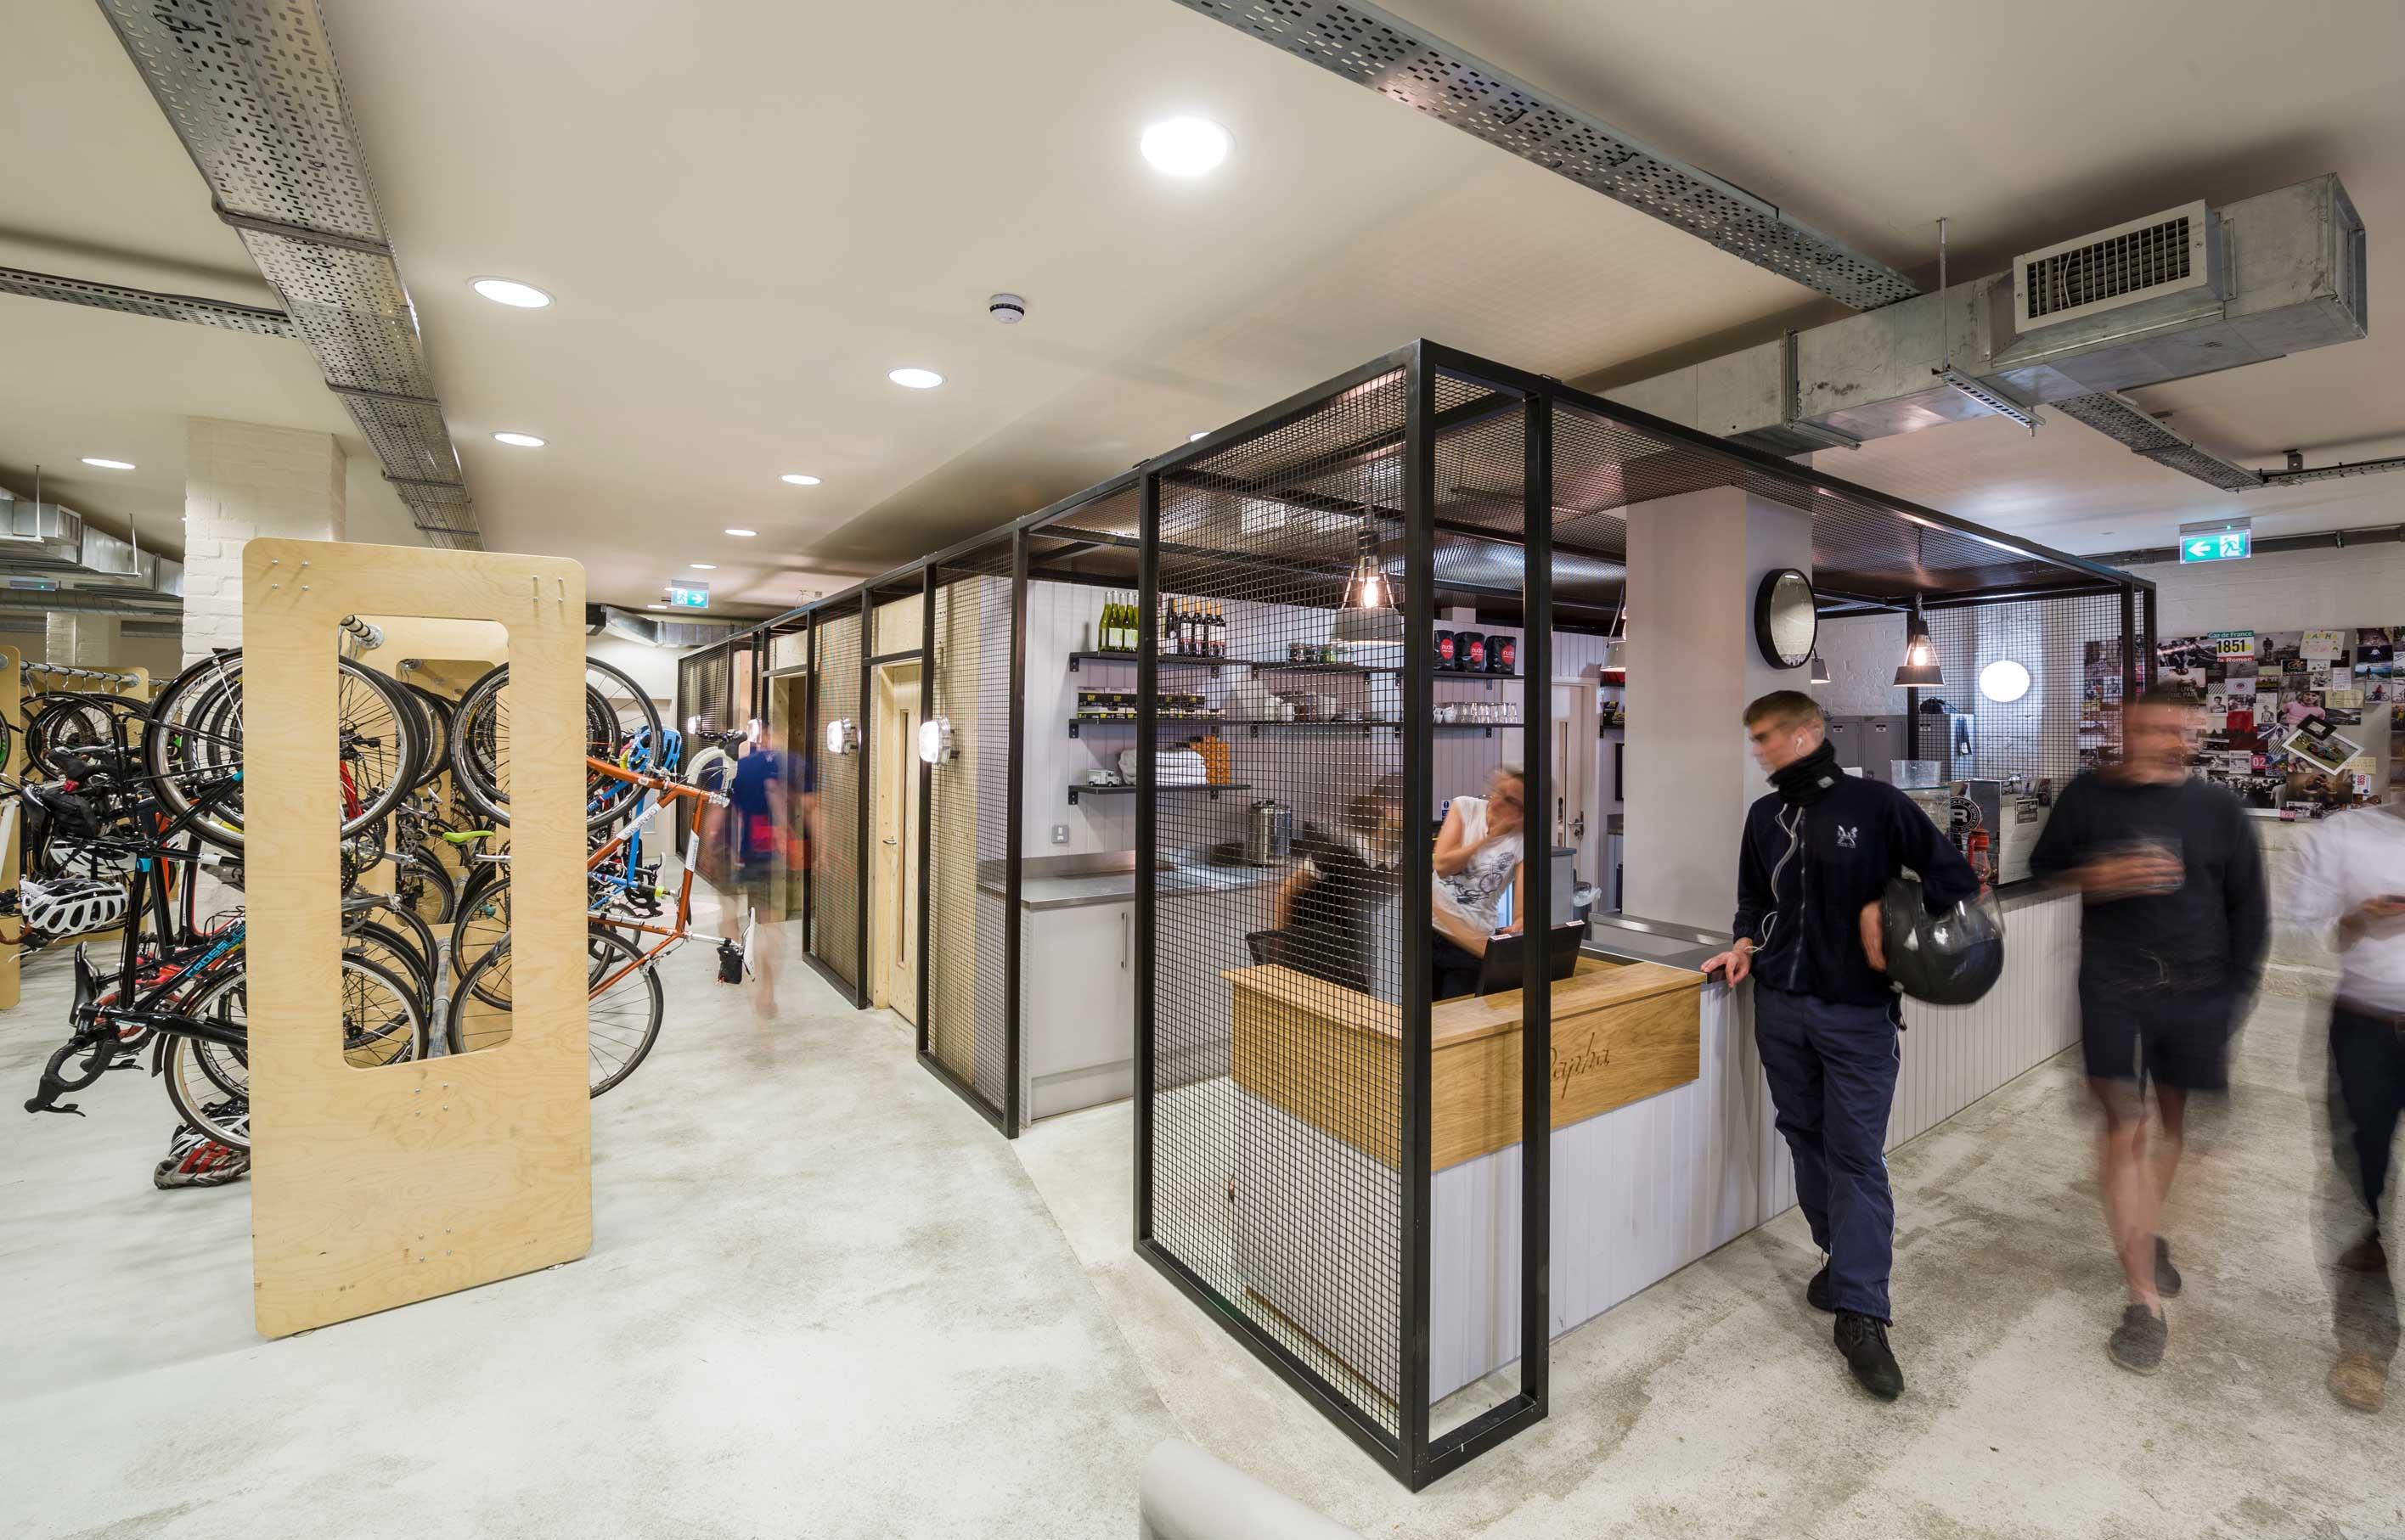 Aldworth James u0026 Bond   Bike storage and cafe for Rapha & Aldworth James u0026 Bond   London Office